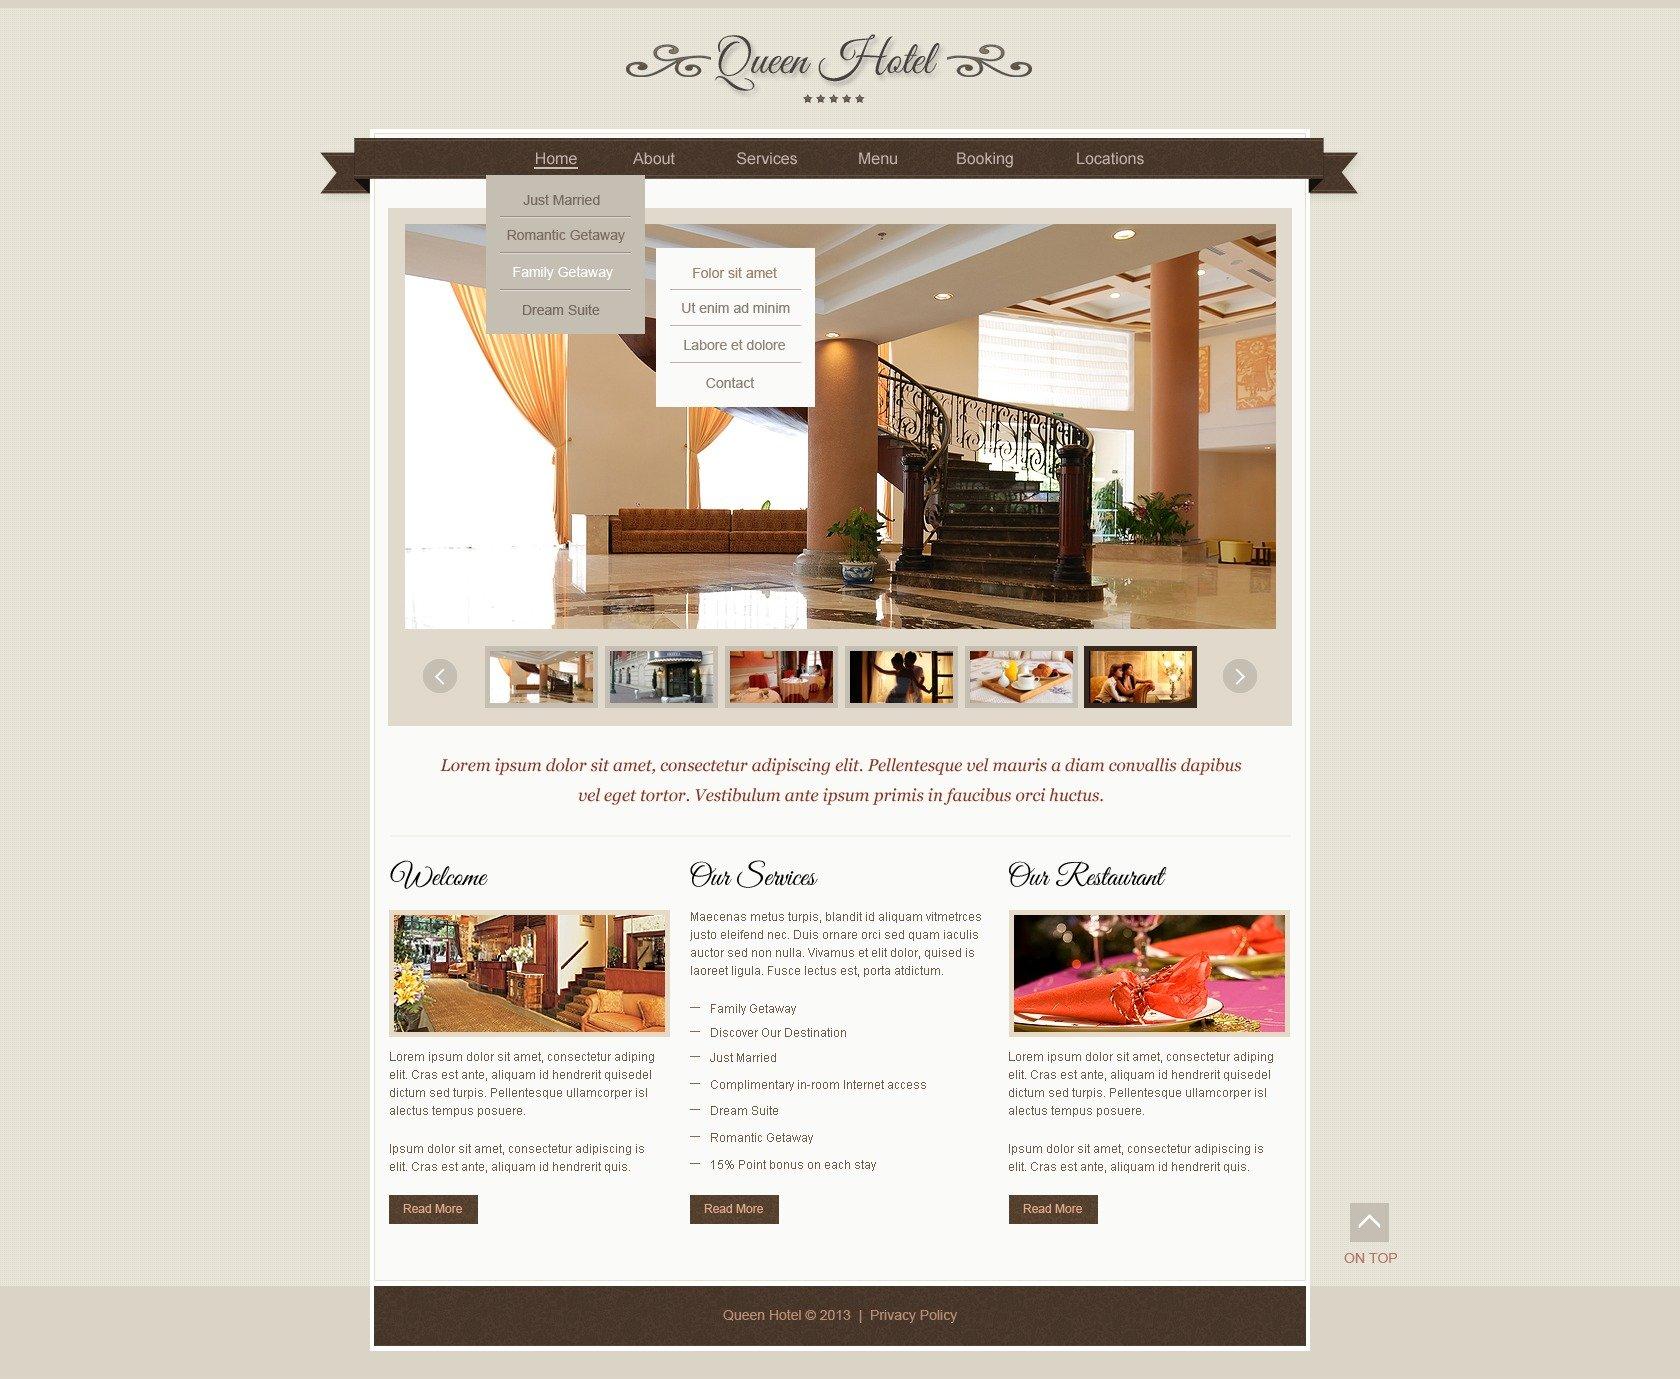 Modèle Web adaptatif pour site d'hôtel #44197 - screenshot